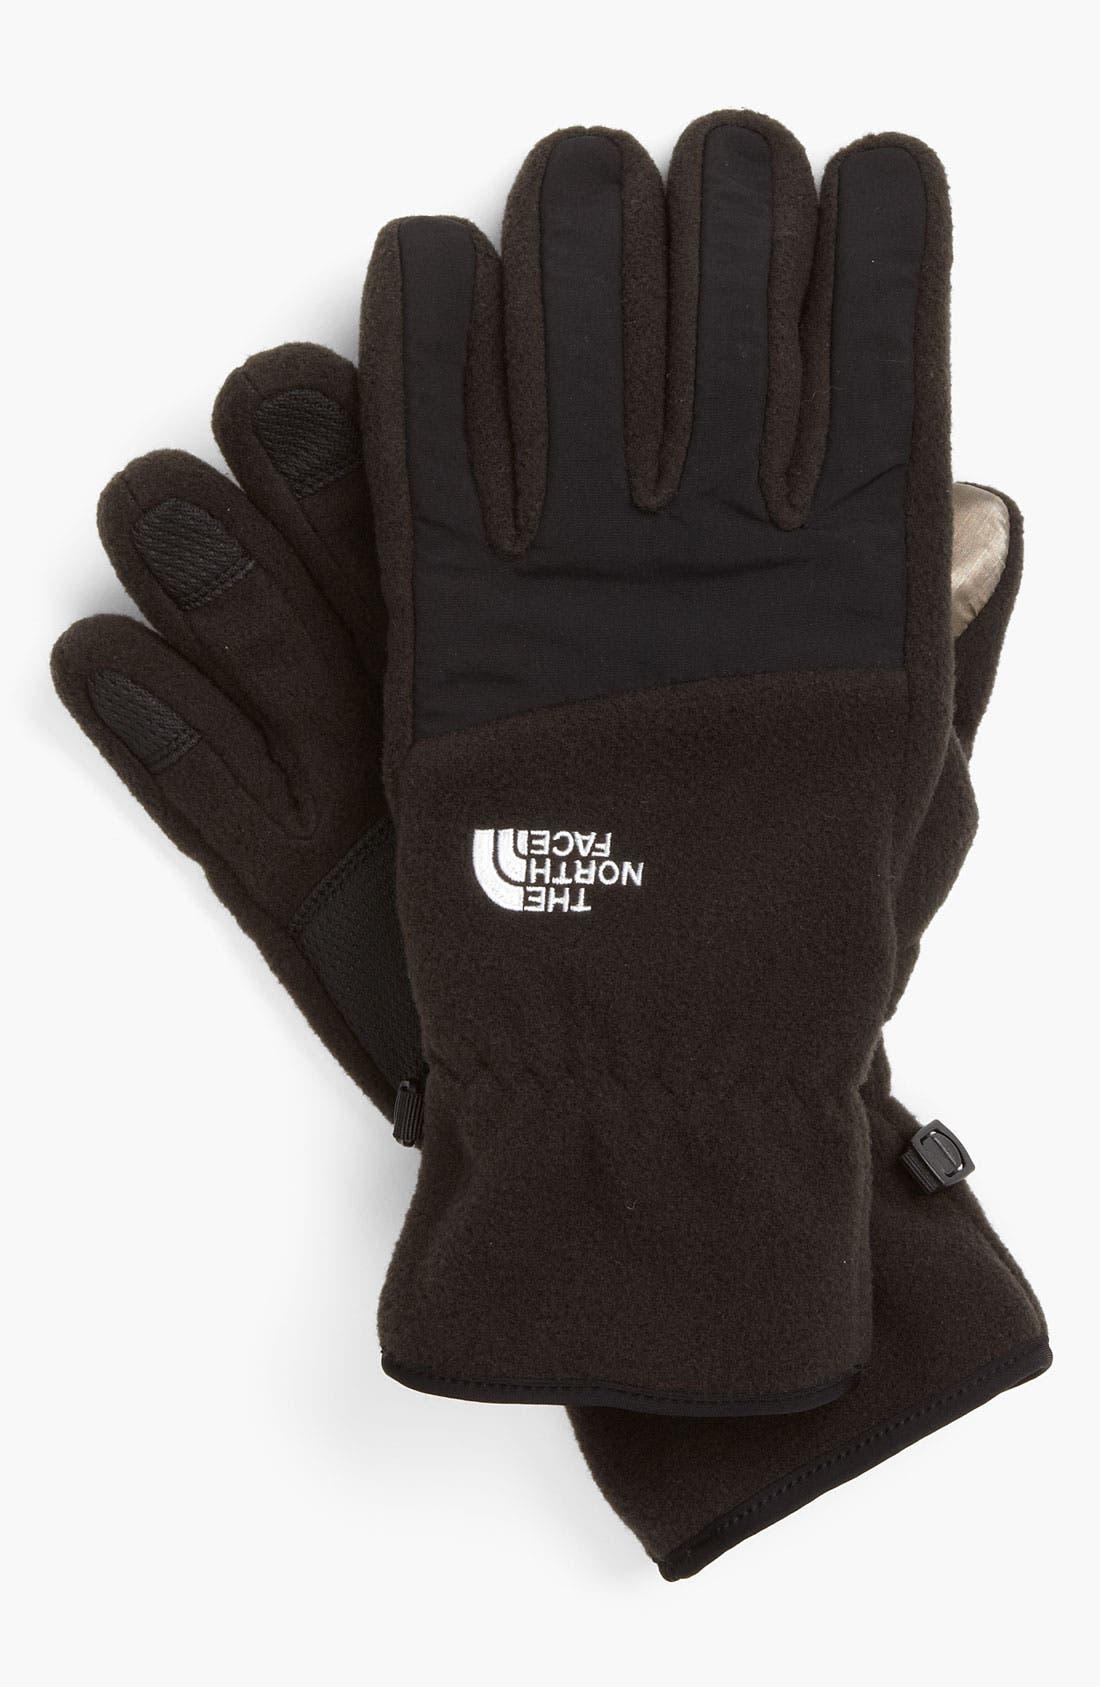 Main Image - The North Face 'E-Tip Denali' Fleece Gloves